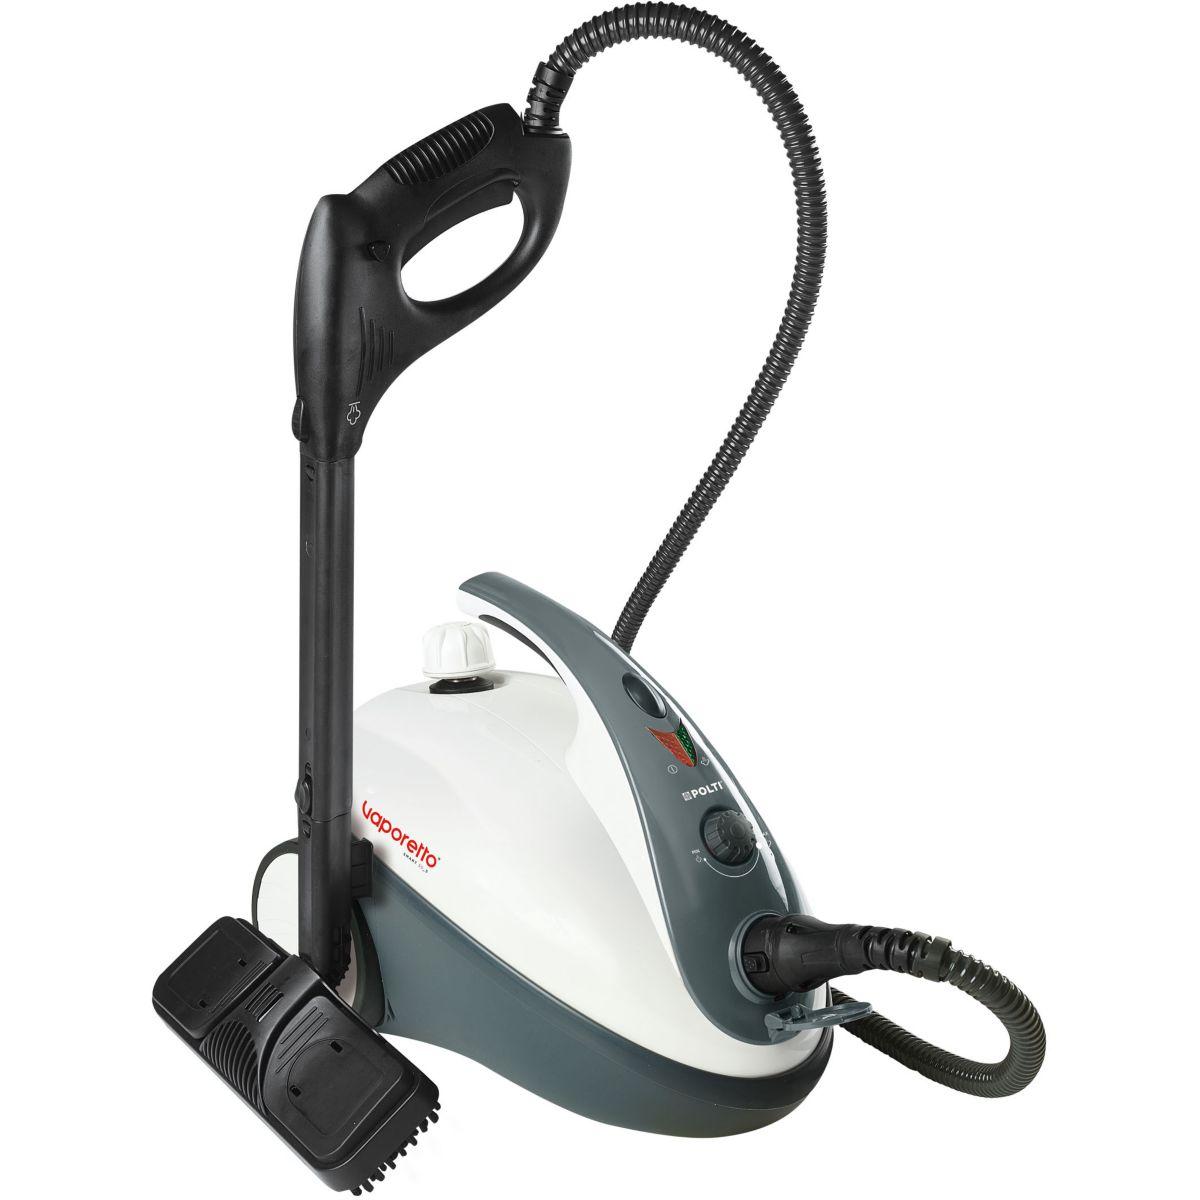 Nettoyeur vapeur VAPORETTO SMART 30 SILVER